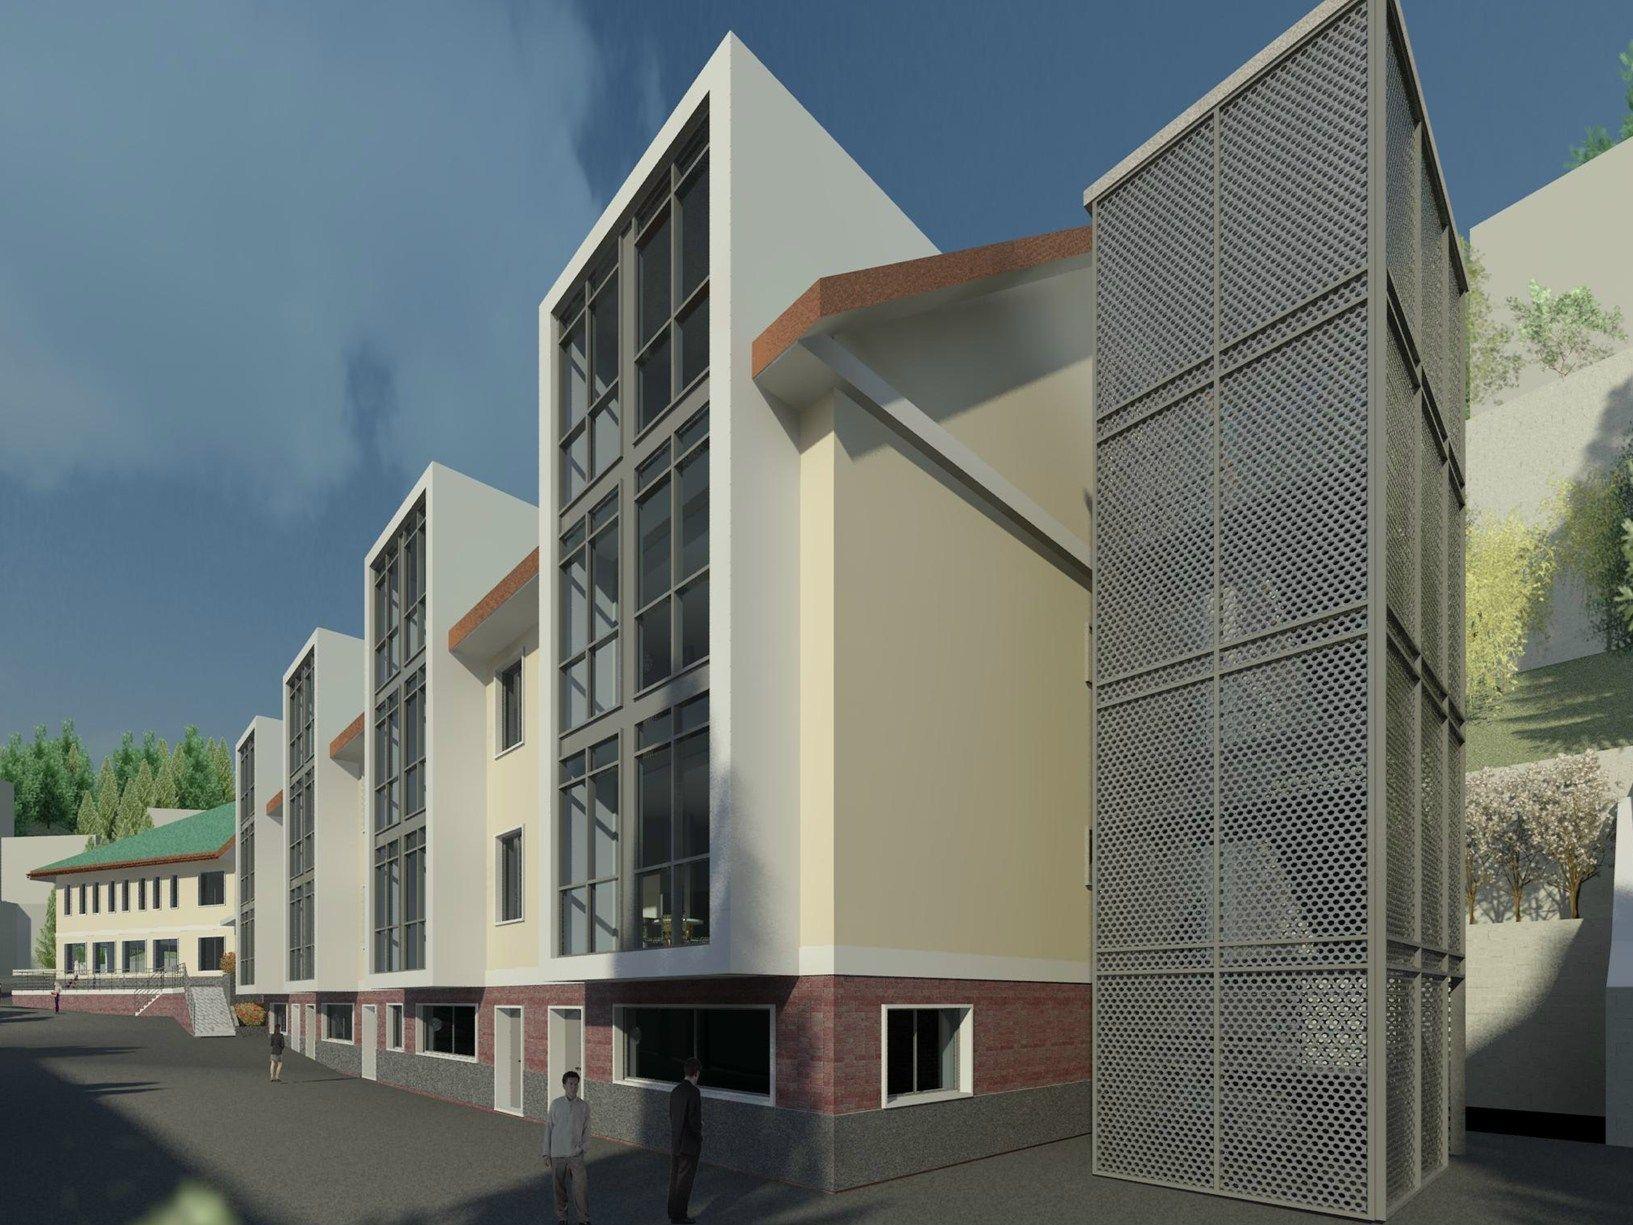 Le soluzioni software autodesk per progettare nuovi uffici for Nuovi piani casa in inghilterra